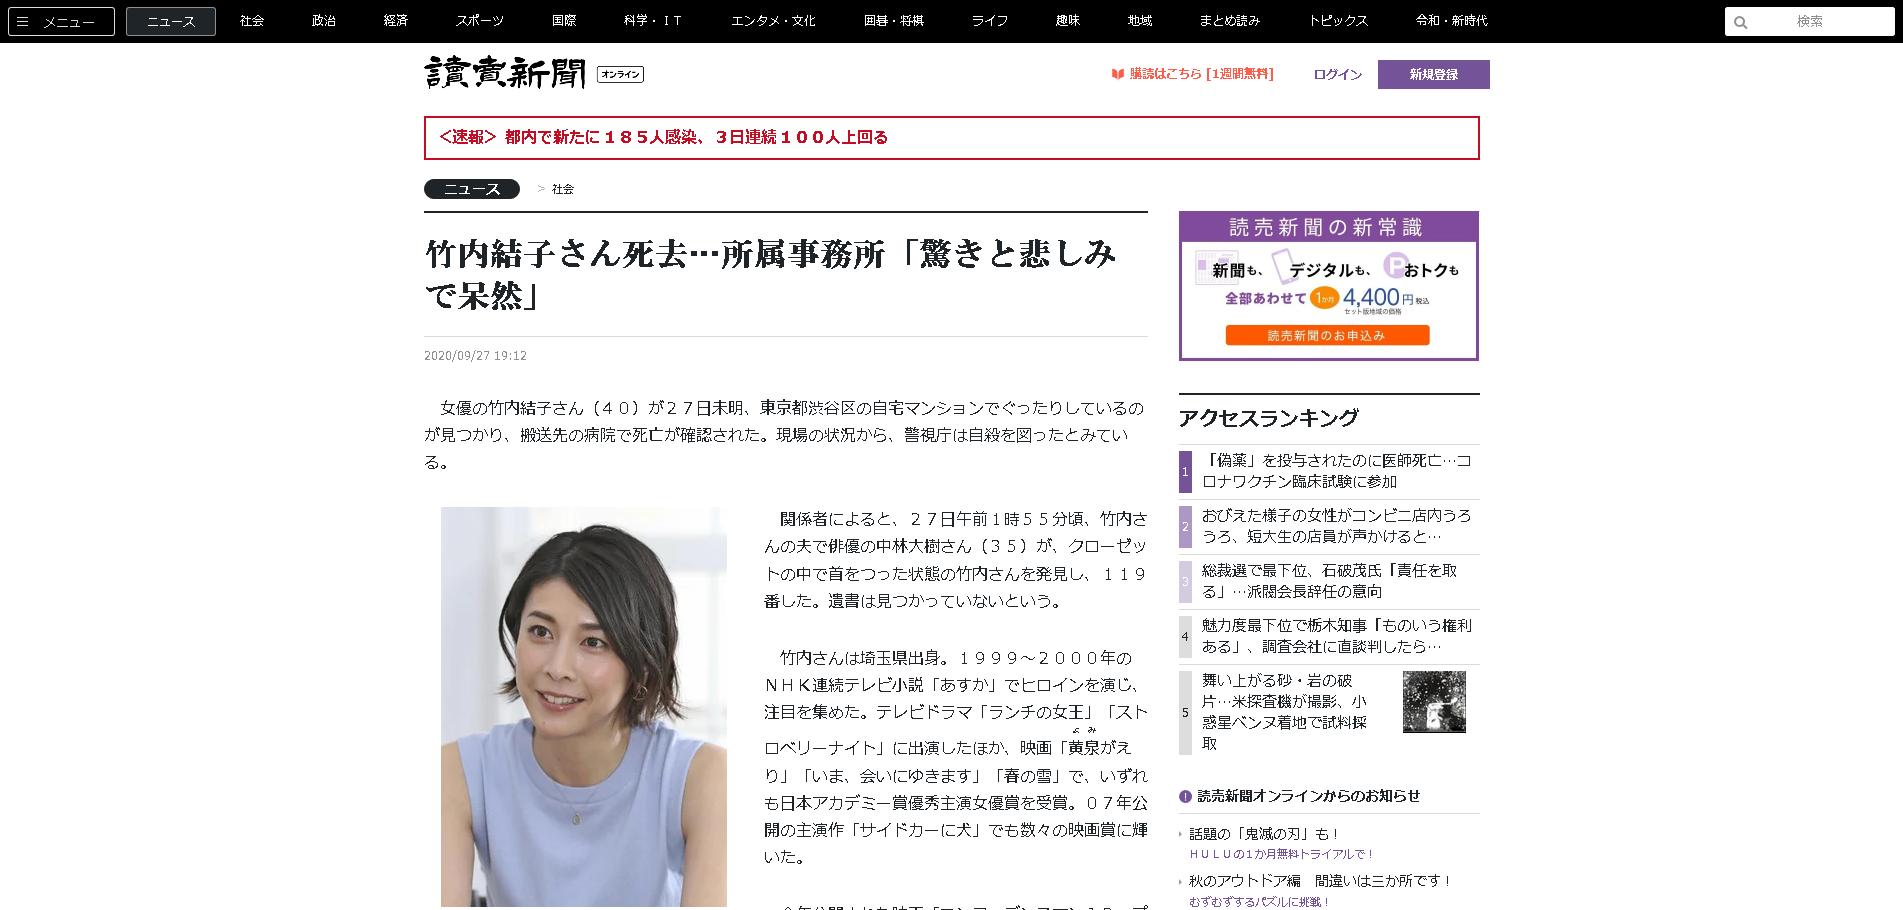 竹内結子さんに関する読売新聞報道